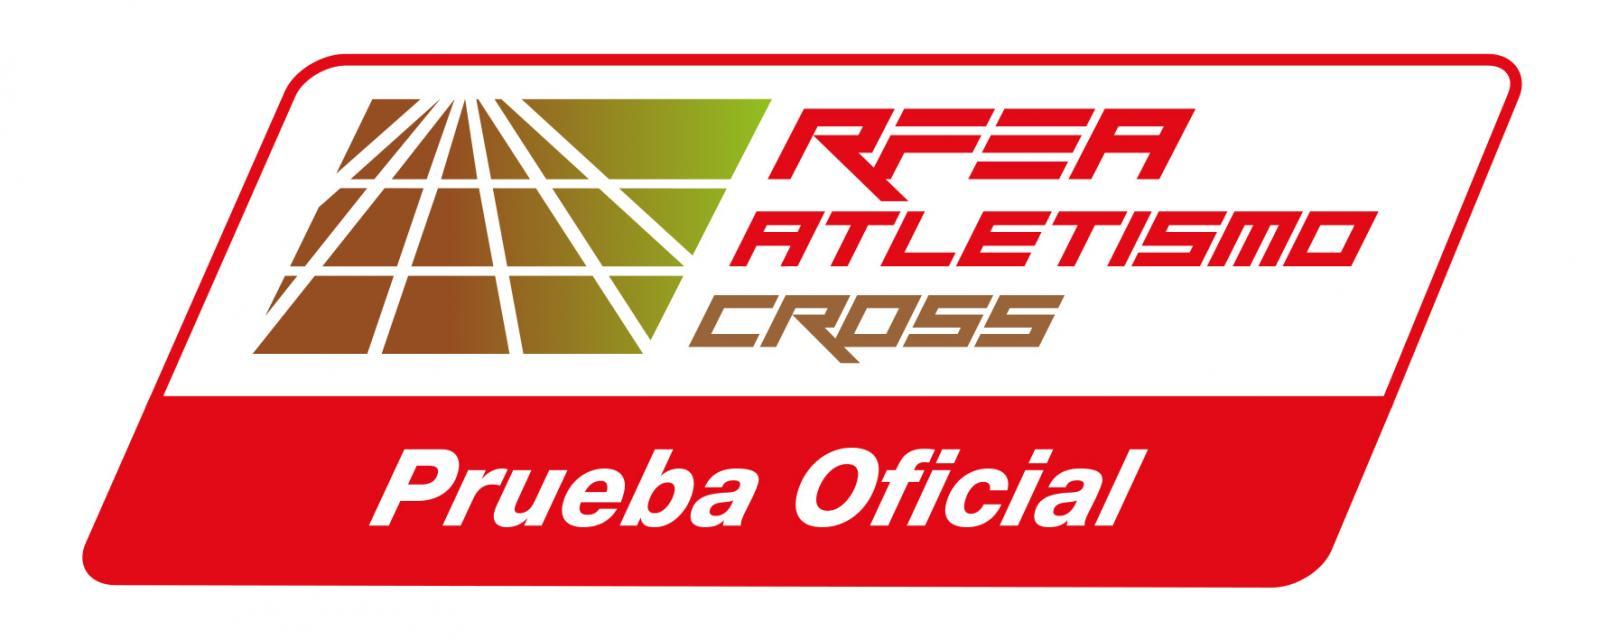 Prueba Oficial de Cross de la RFEA